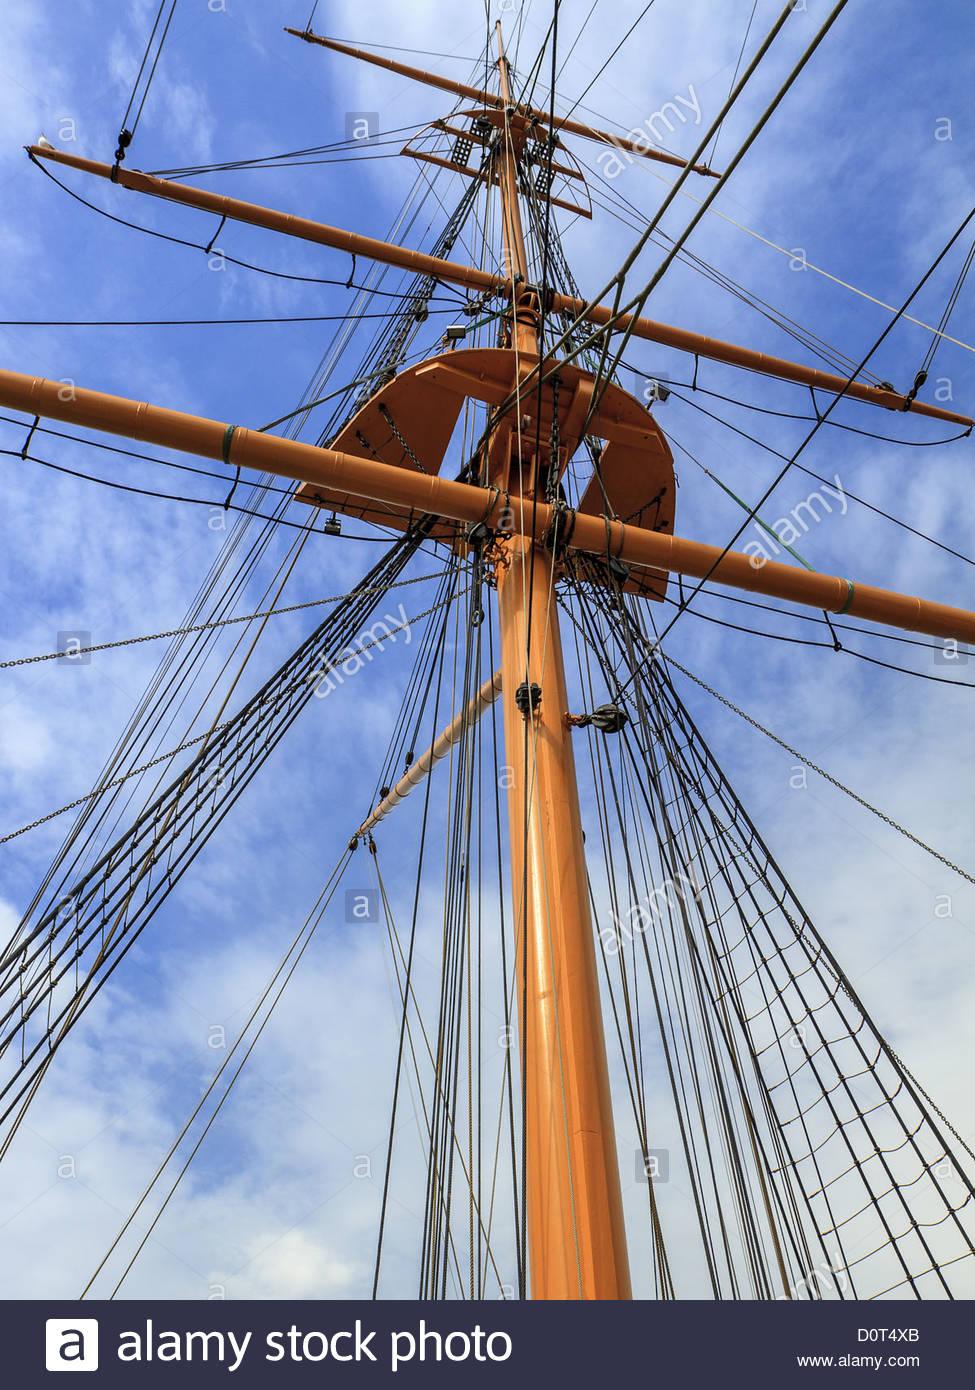 Main mast and rigging sailing ship stock photo 52161827 alamy main mast and rigging sailing ship sciox Gallery